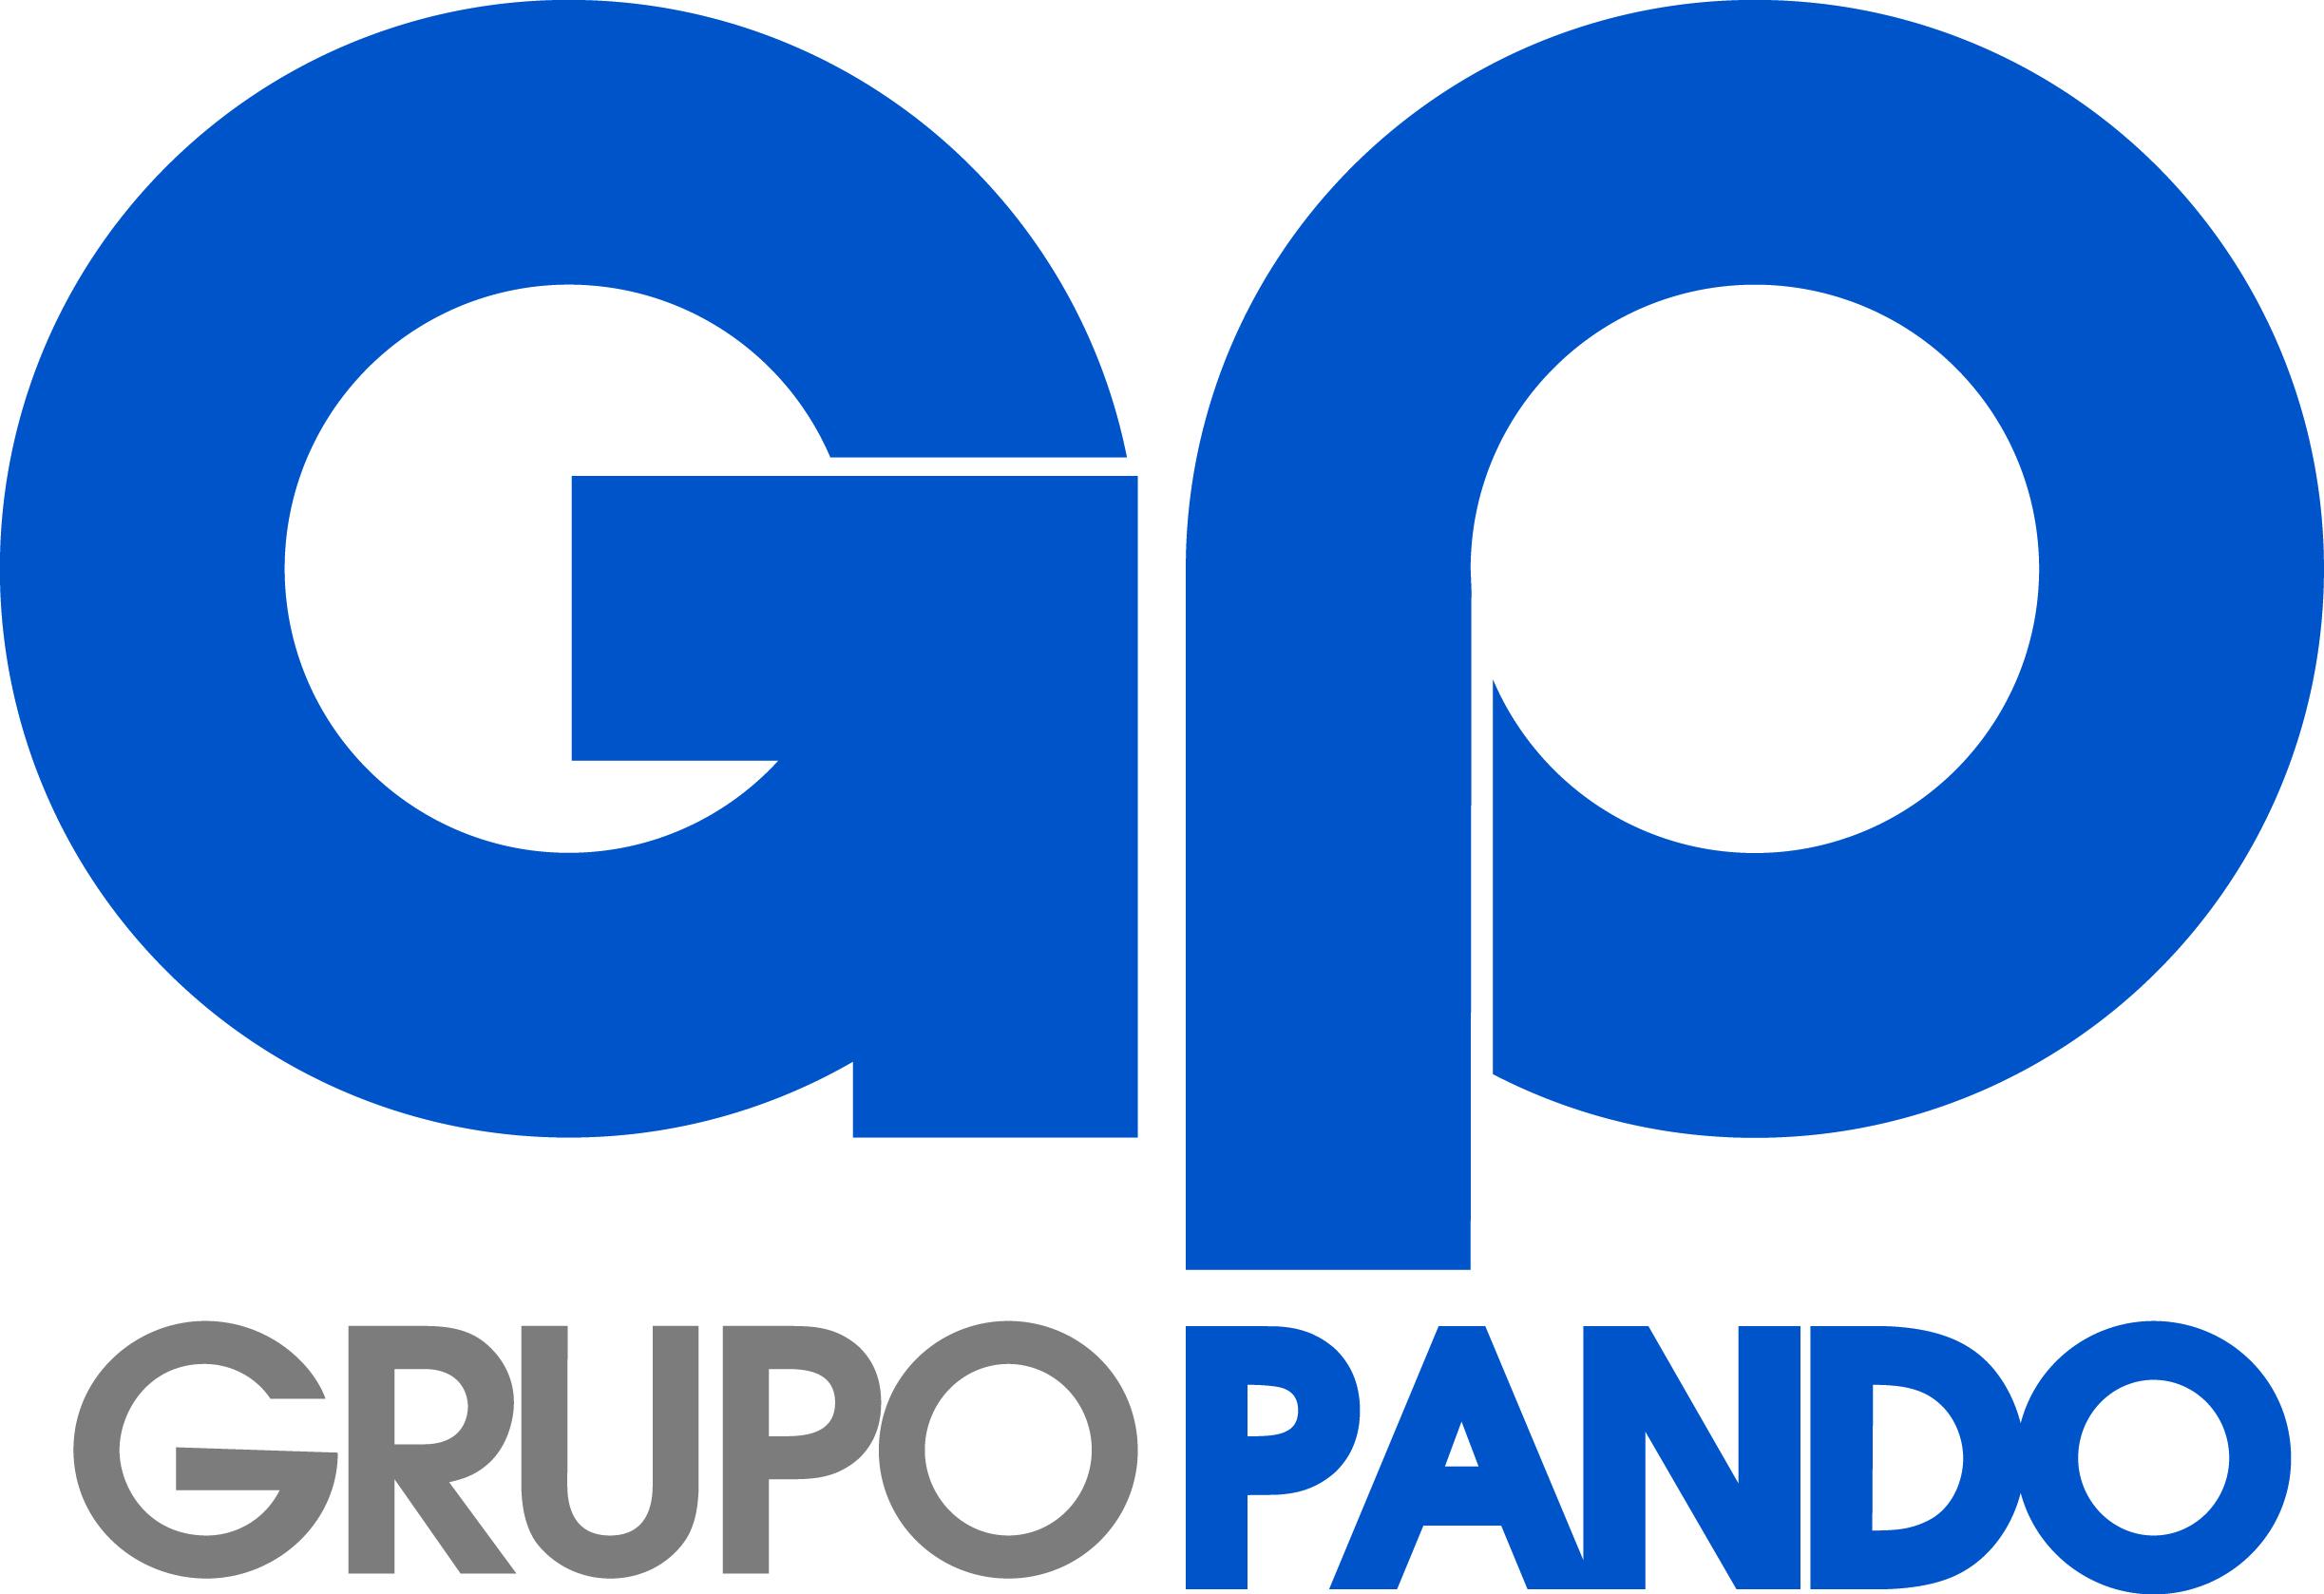 Grupo Pando